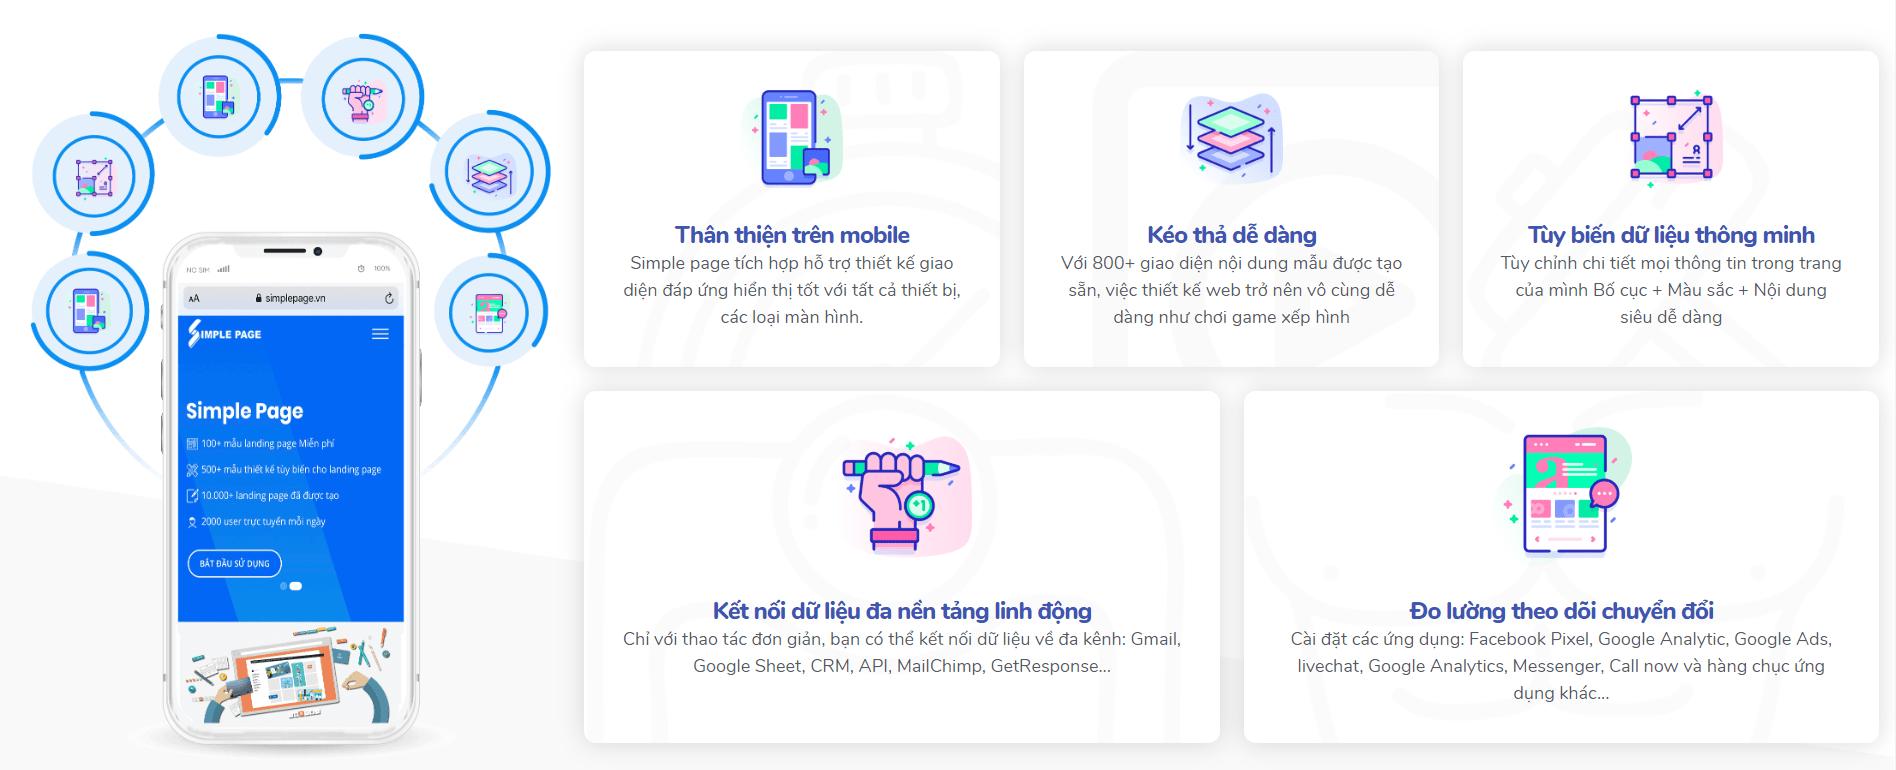 Simple Page là gì? Nền tảng thiết kế landing page miễn phí có gì thu hút?